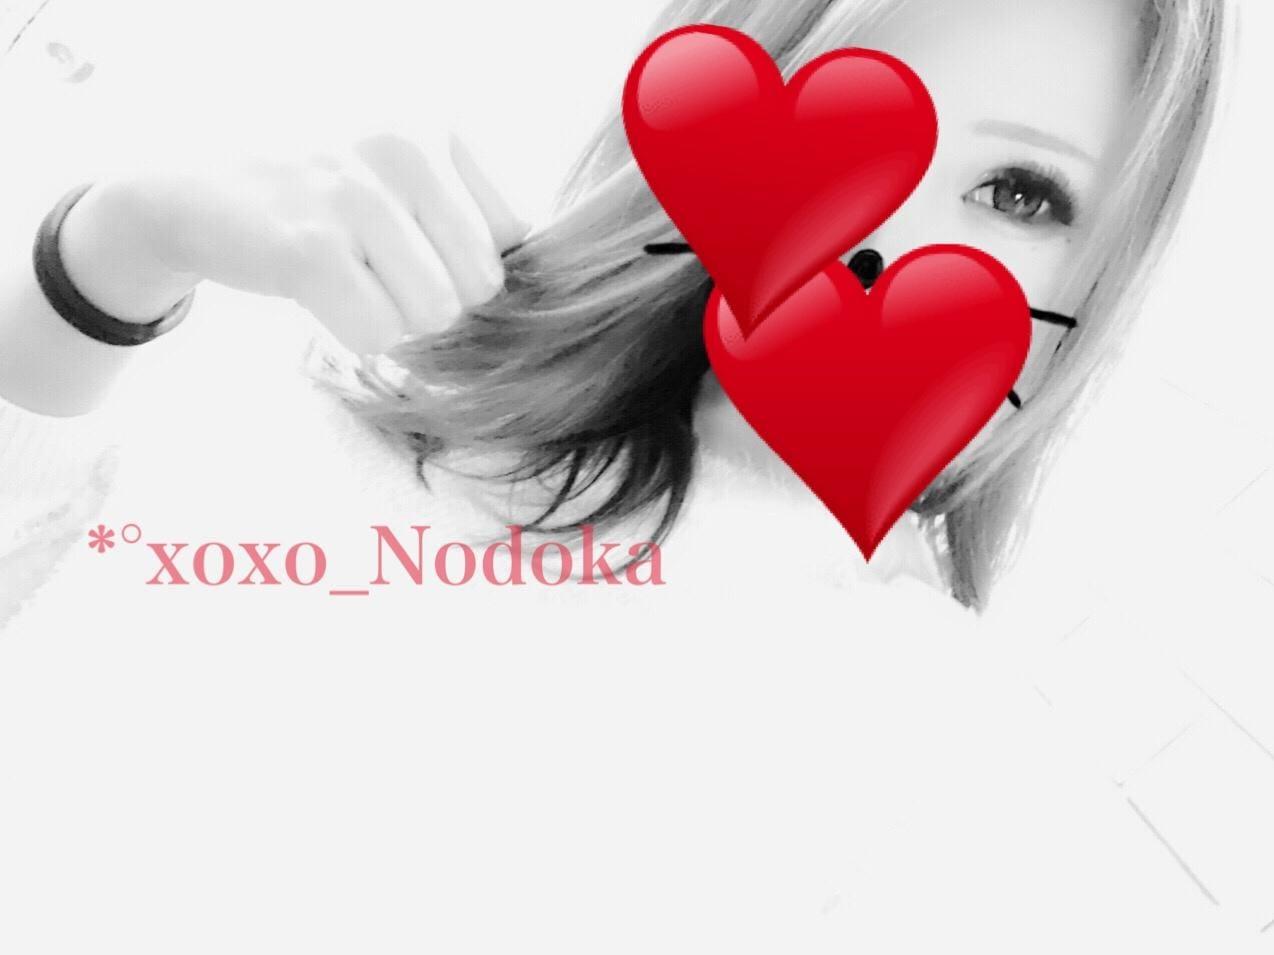 「*°ぐっどもにんっ*°」10/21(日) 19:16 | Nodoka ノドカの写メ・風俗動画